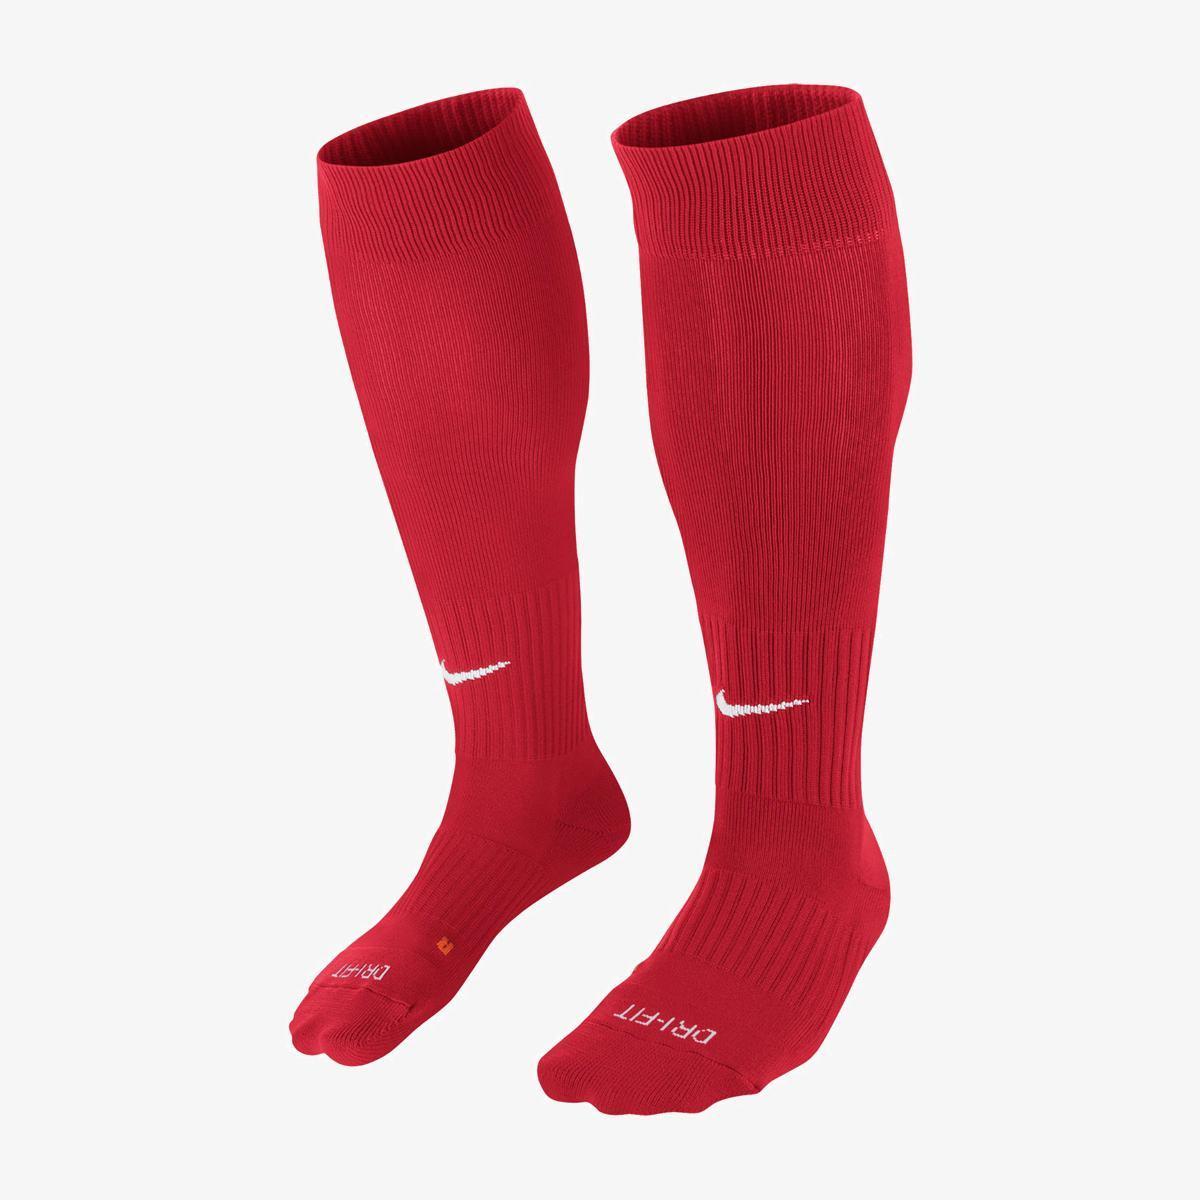 Гетры футбольные Nike Classic II Cushion SX5728-648 Красный L (42-46) (091209577455)